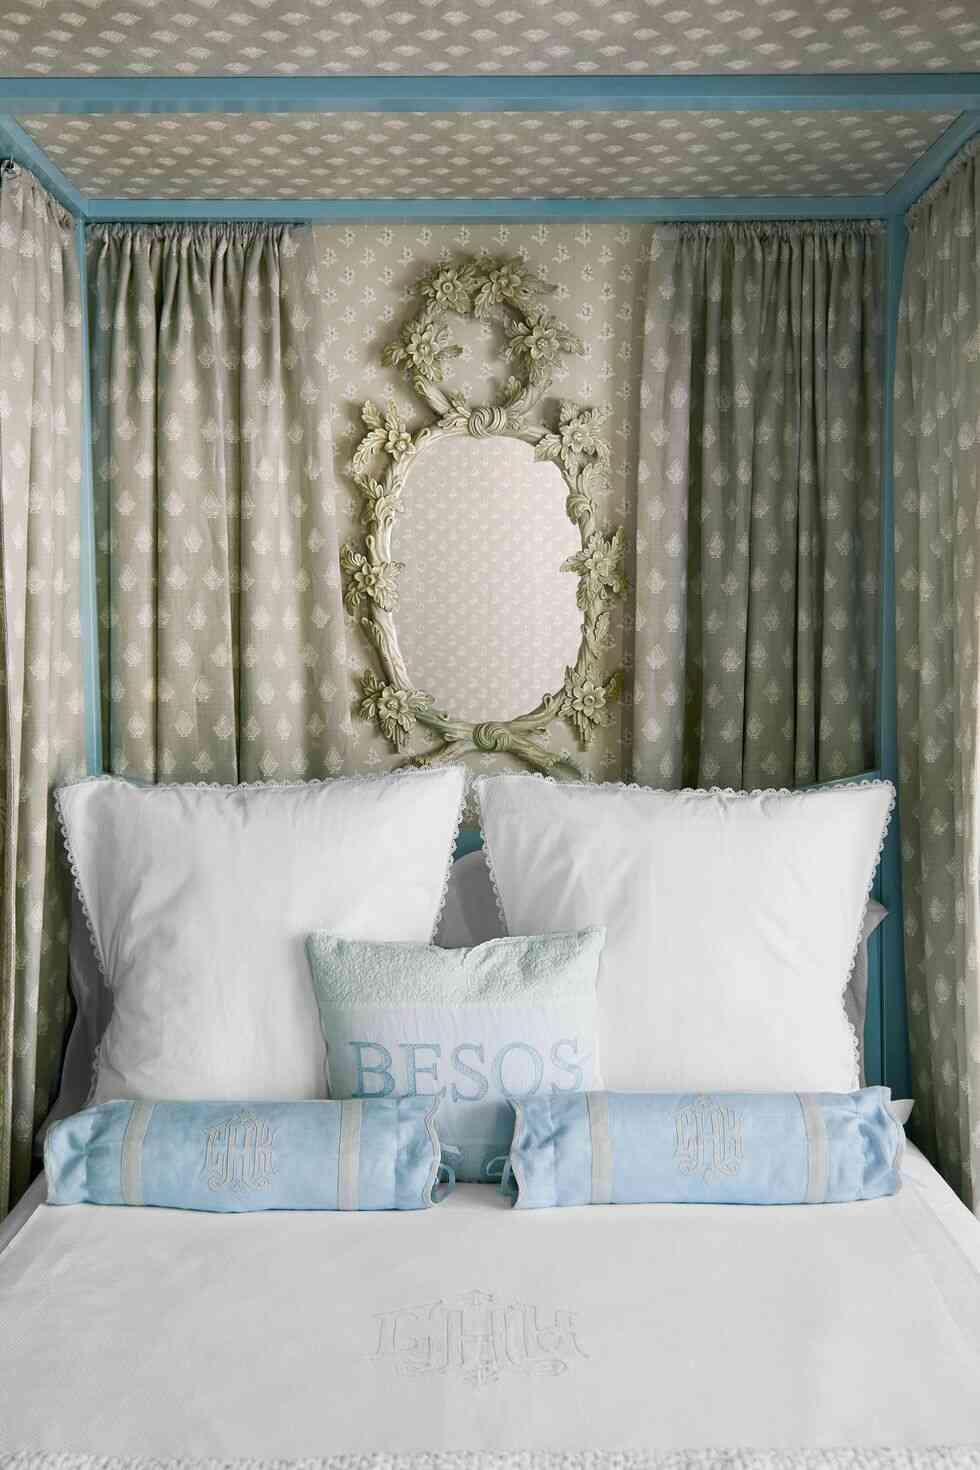 trang trí phòng ngủ đẹp, rèm xám